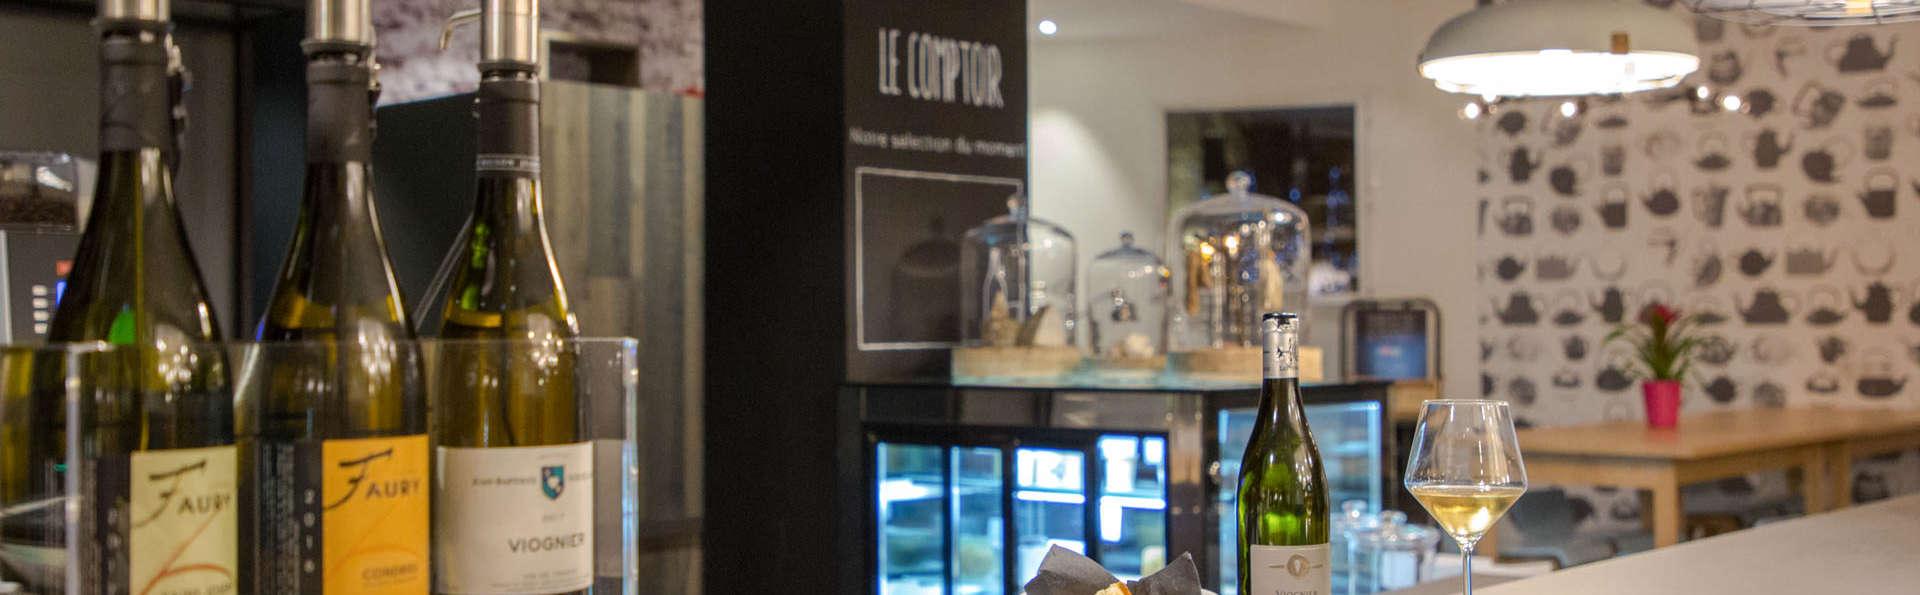 Dîner et nuit en hôtel design, près de Lyon